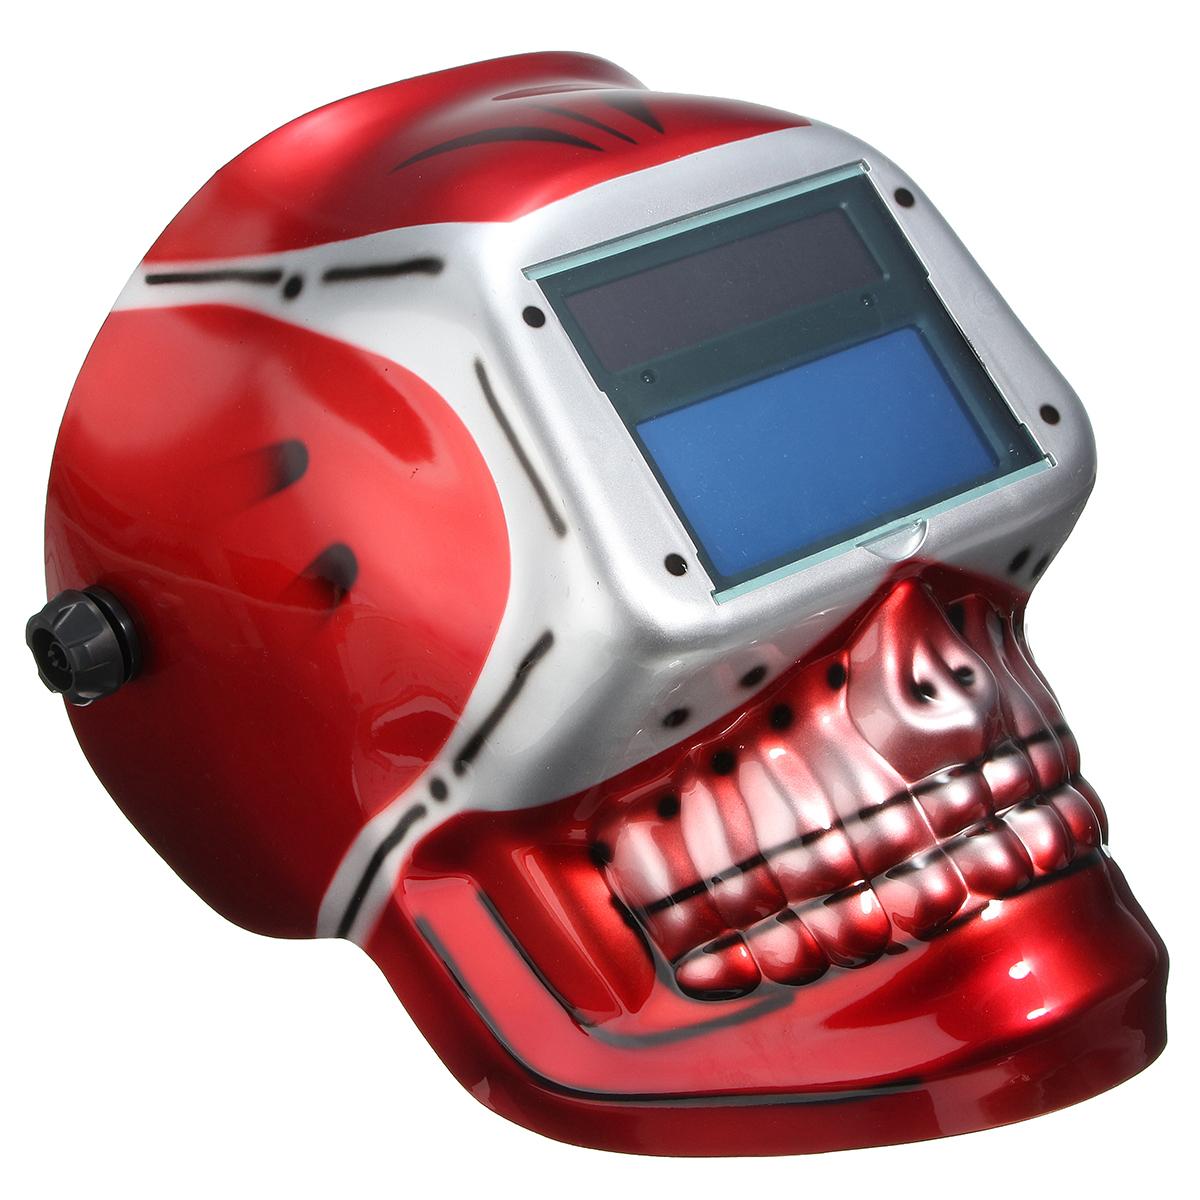 Solar Auto Darkening Welding Helmet Weld Mask Protectio